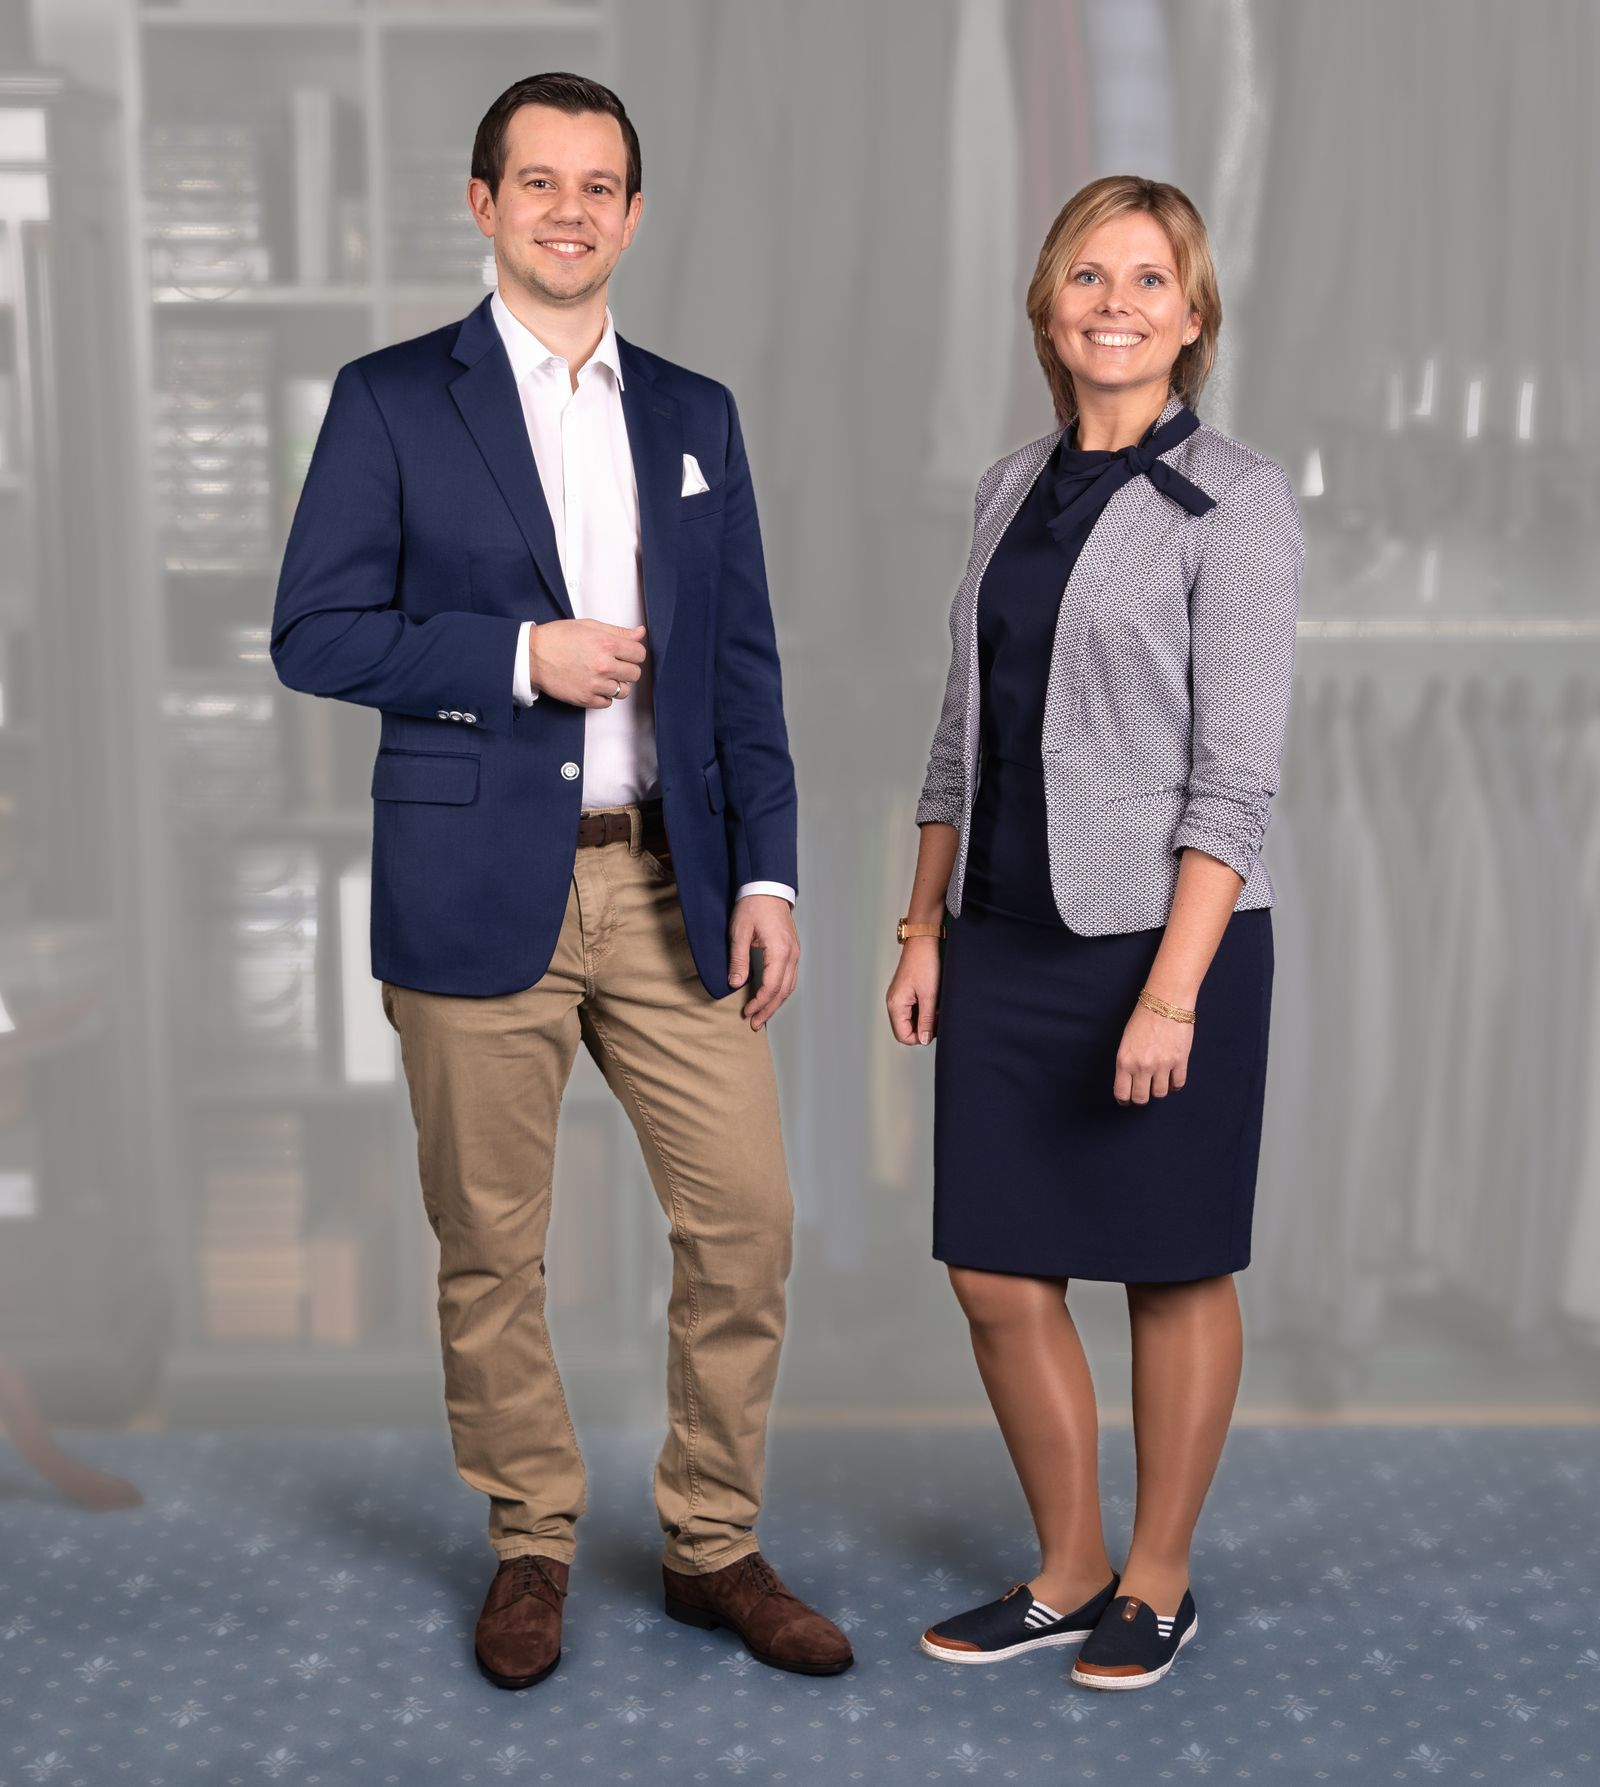 Frankfurter Sparkasse / Dresscode / Smart Casual